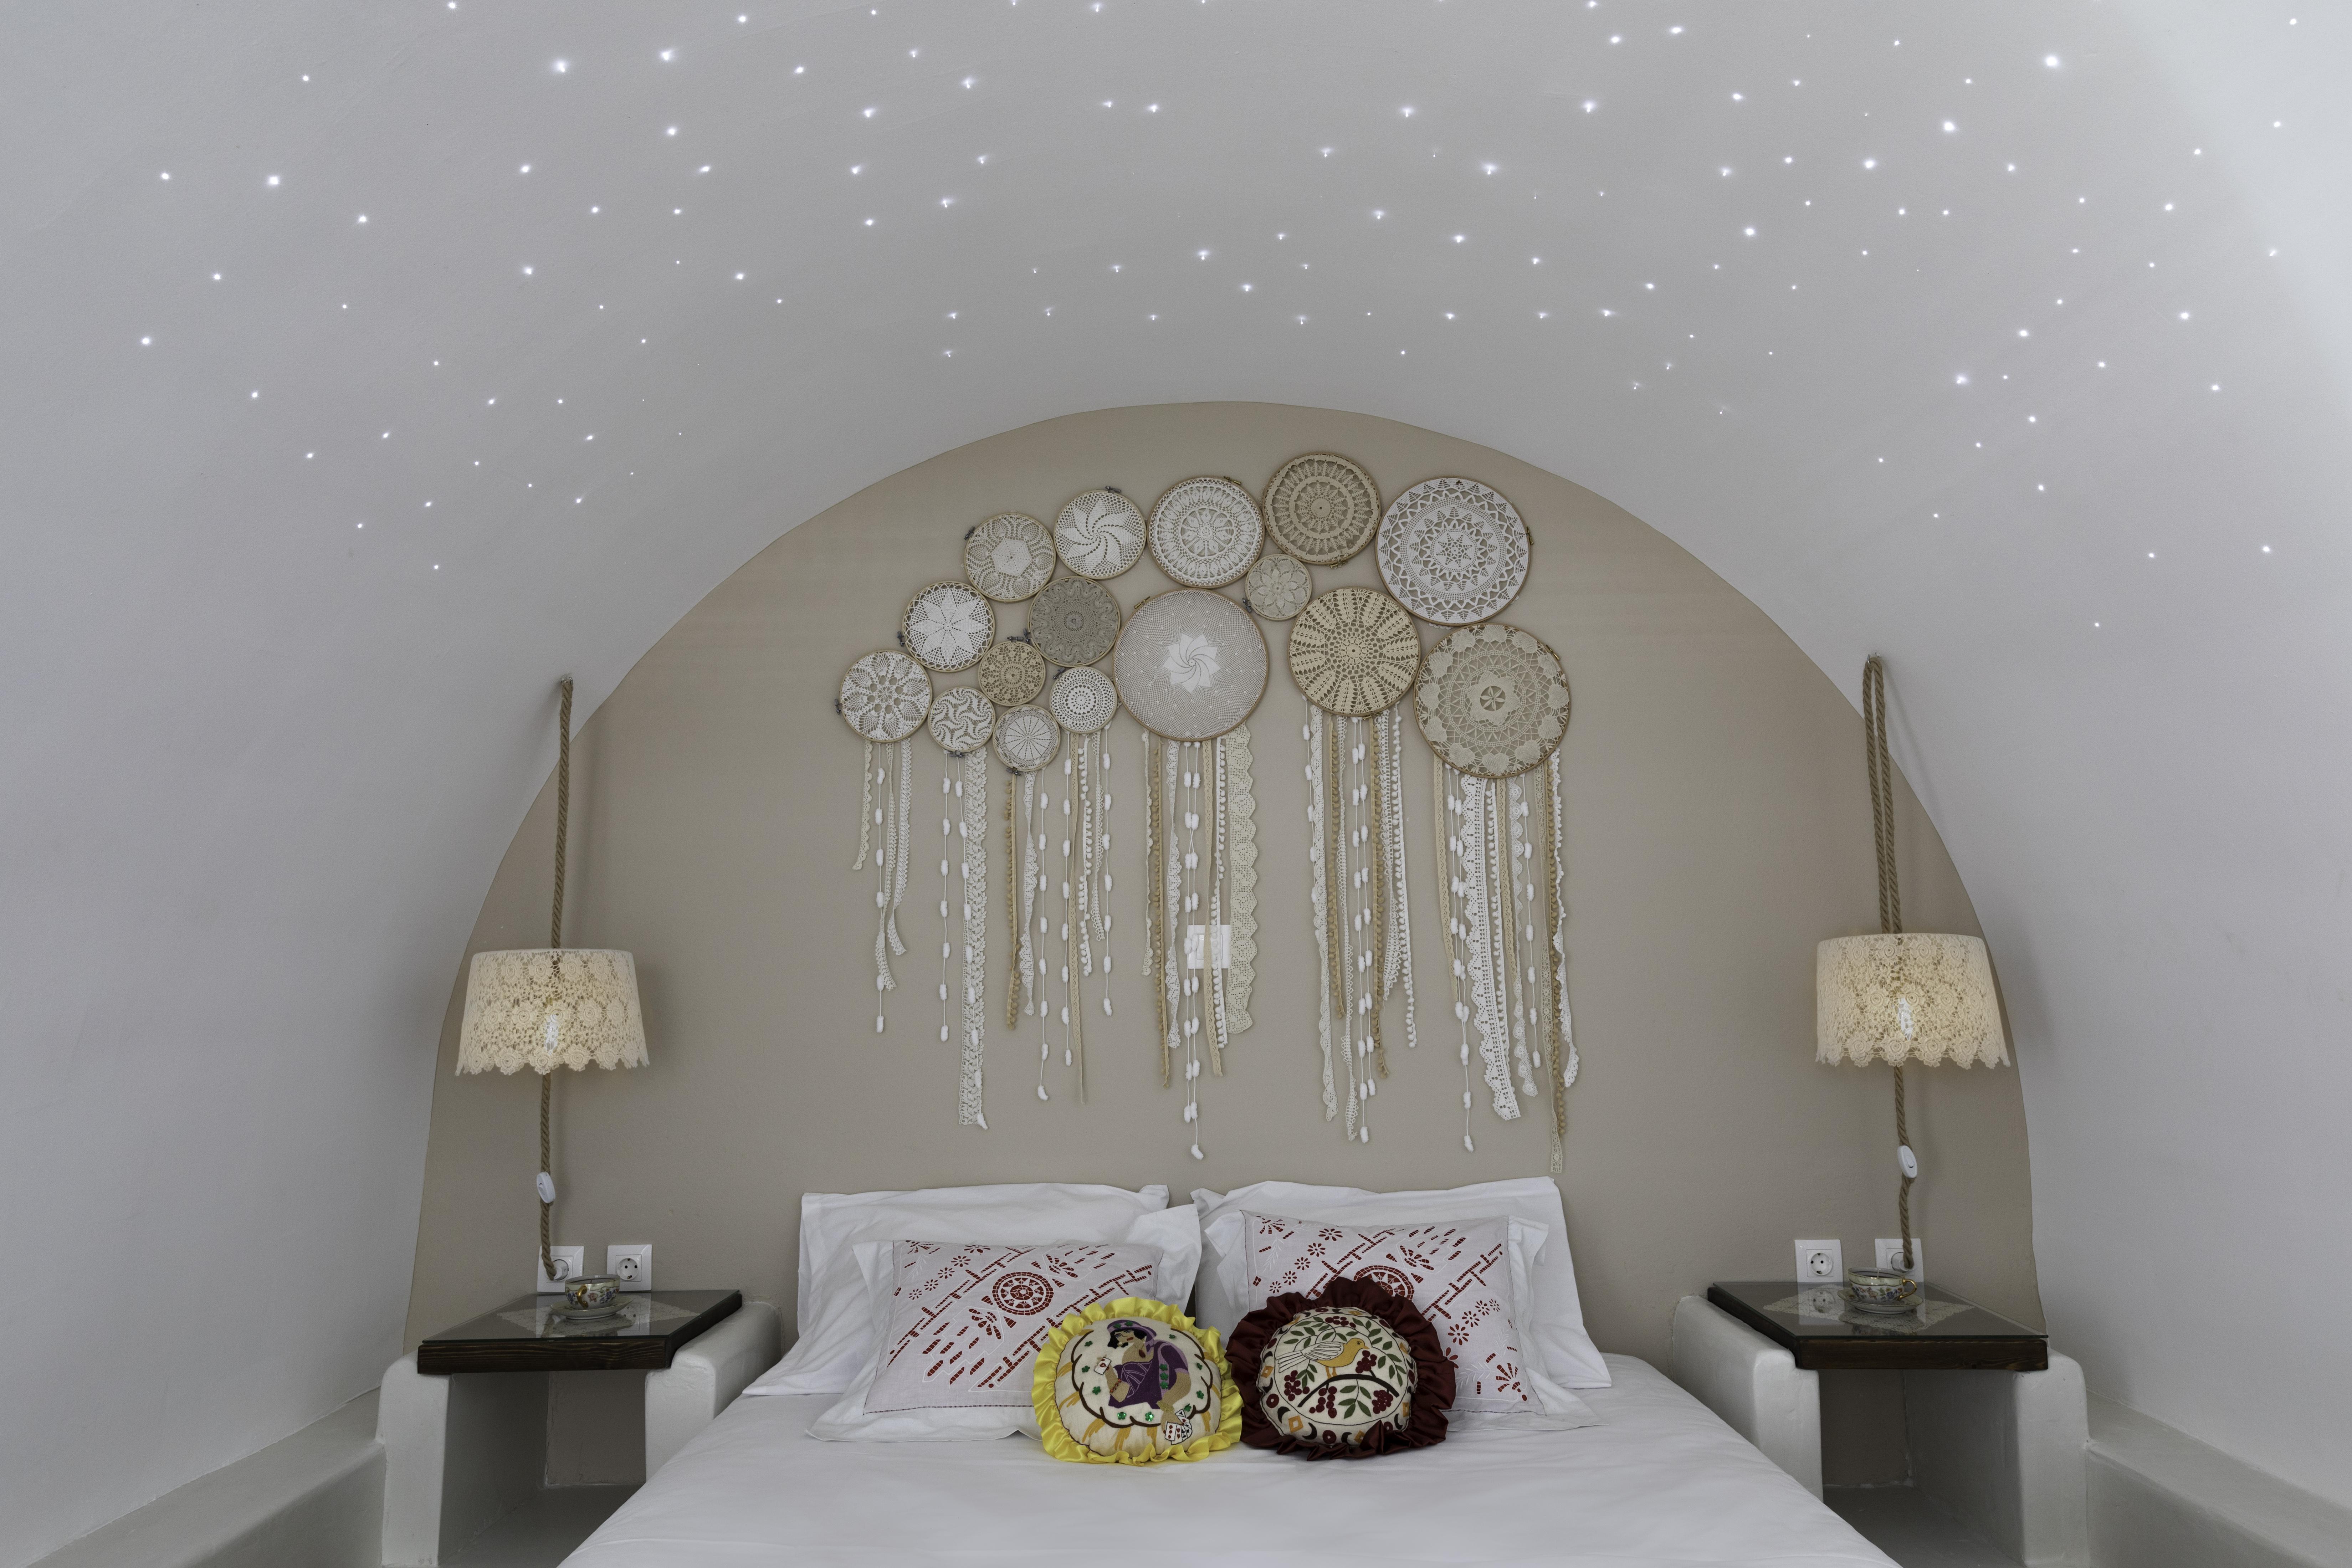 gorgona traditional night lights